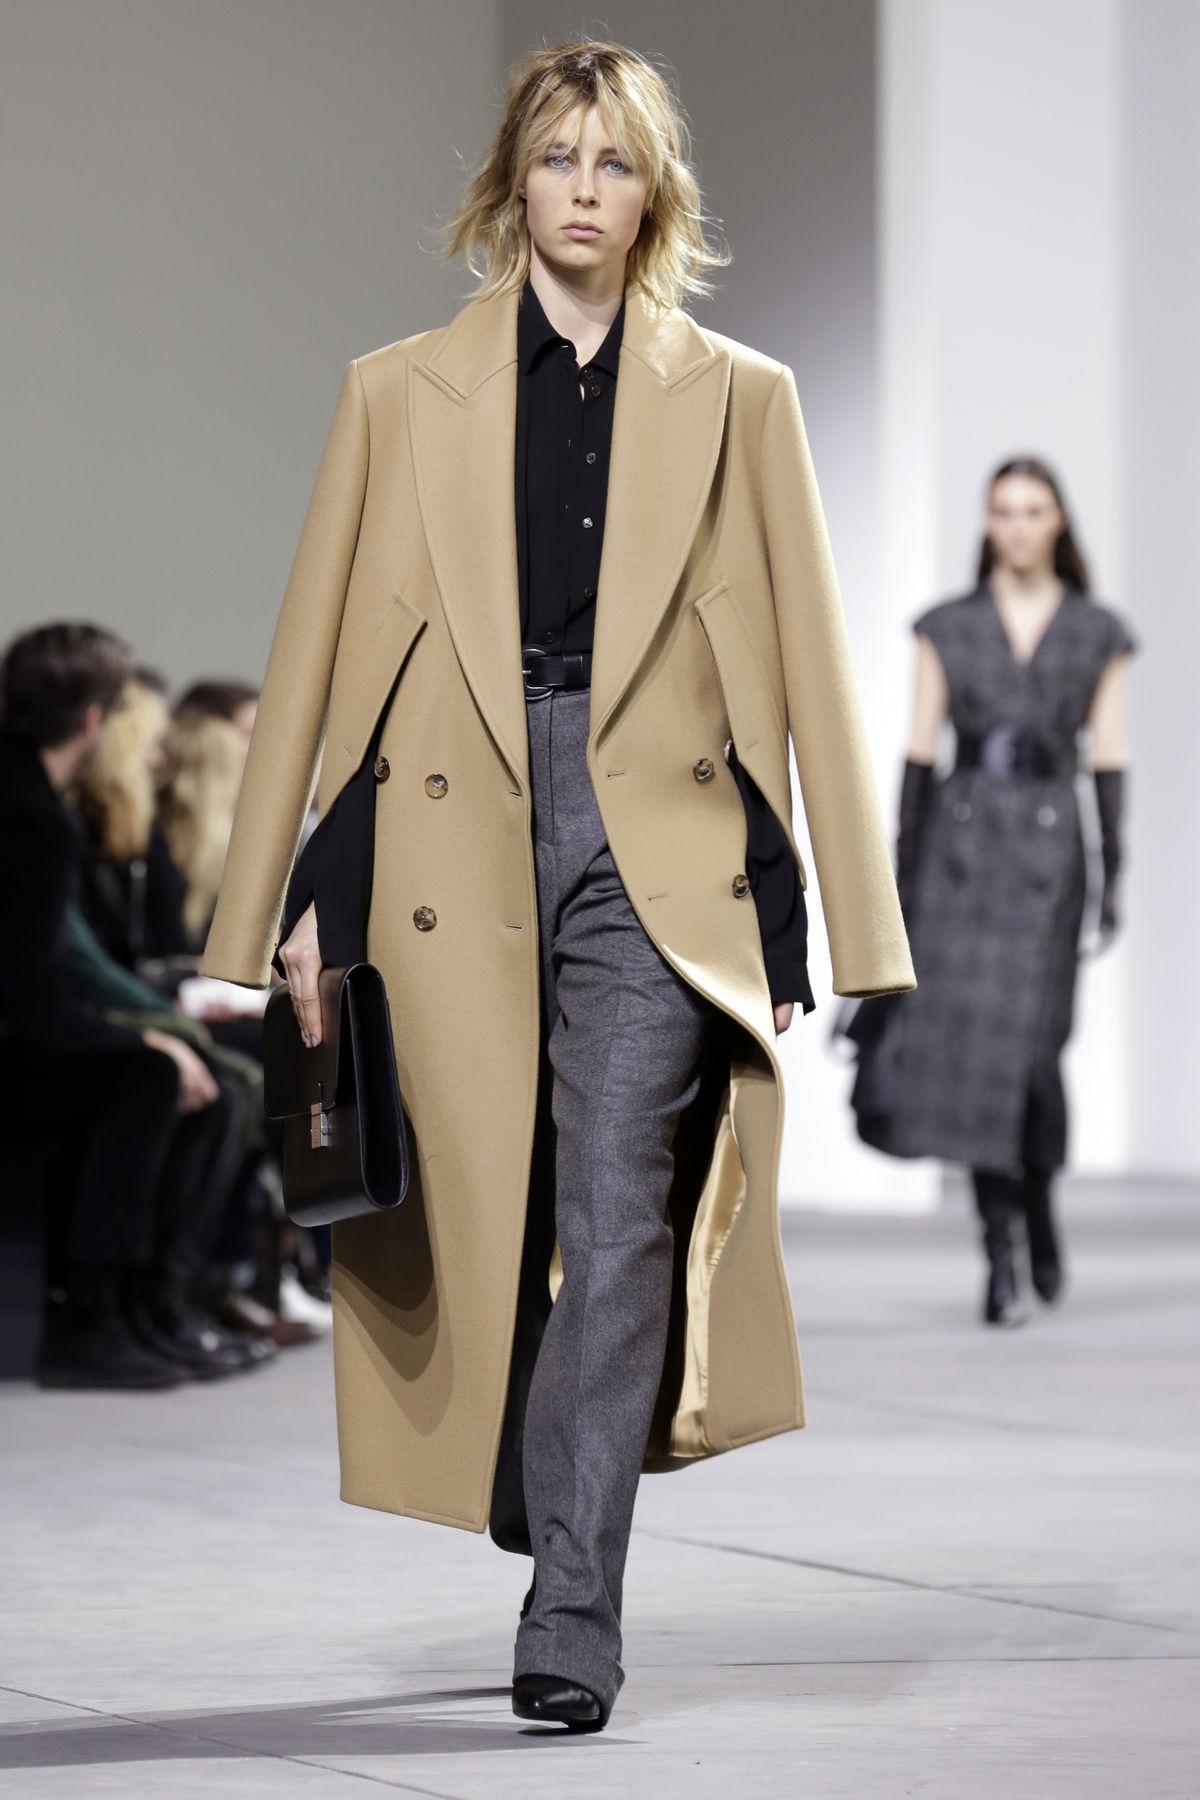 Kabáty na aktuálnu sezónu  Máme 21 inšpirácií z kára aj čistých línií 642d6b753fe